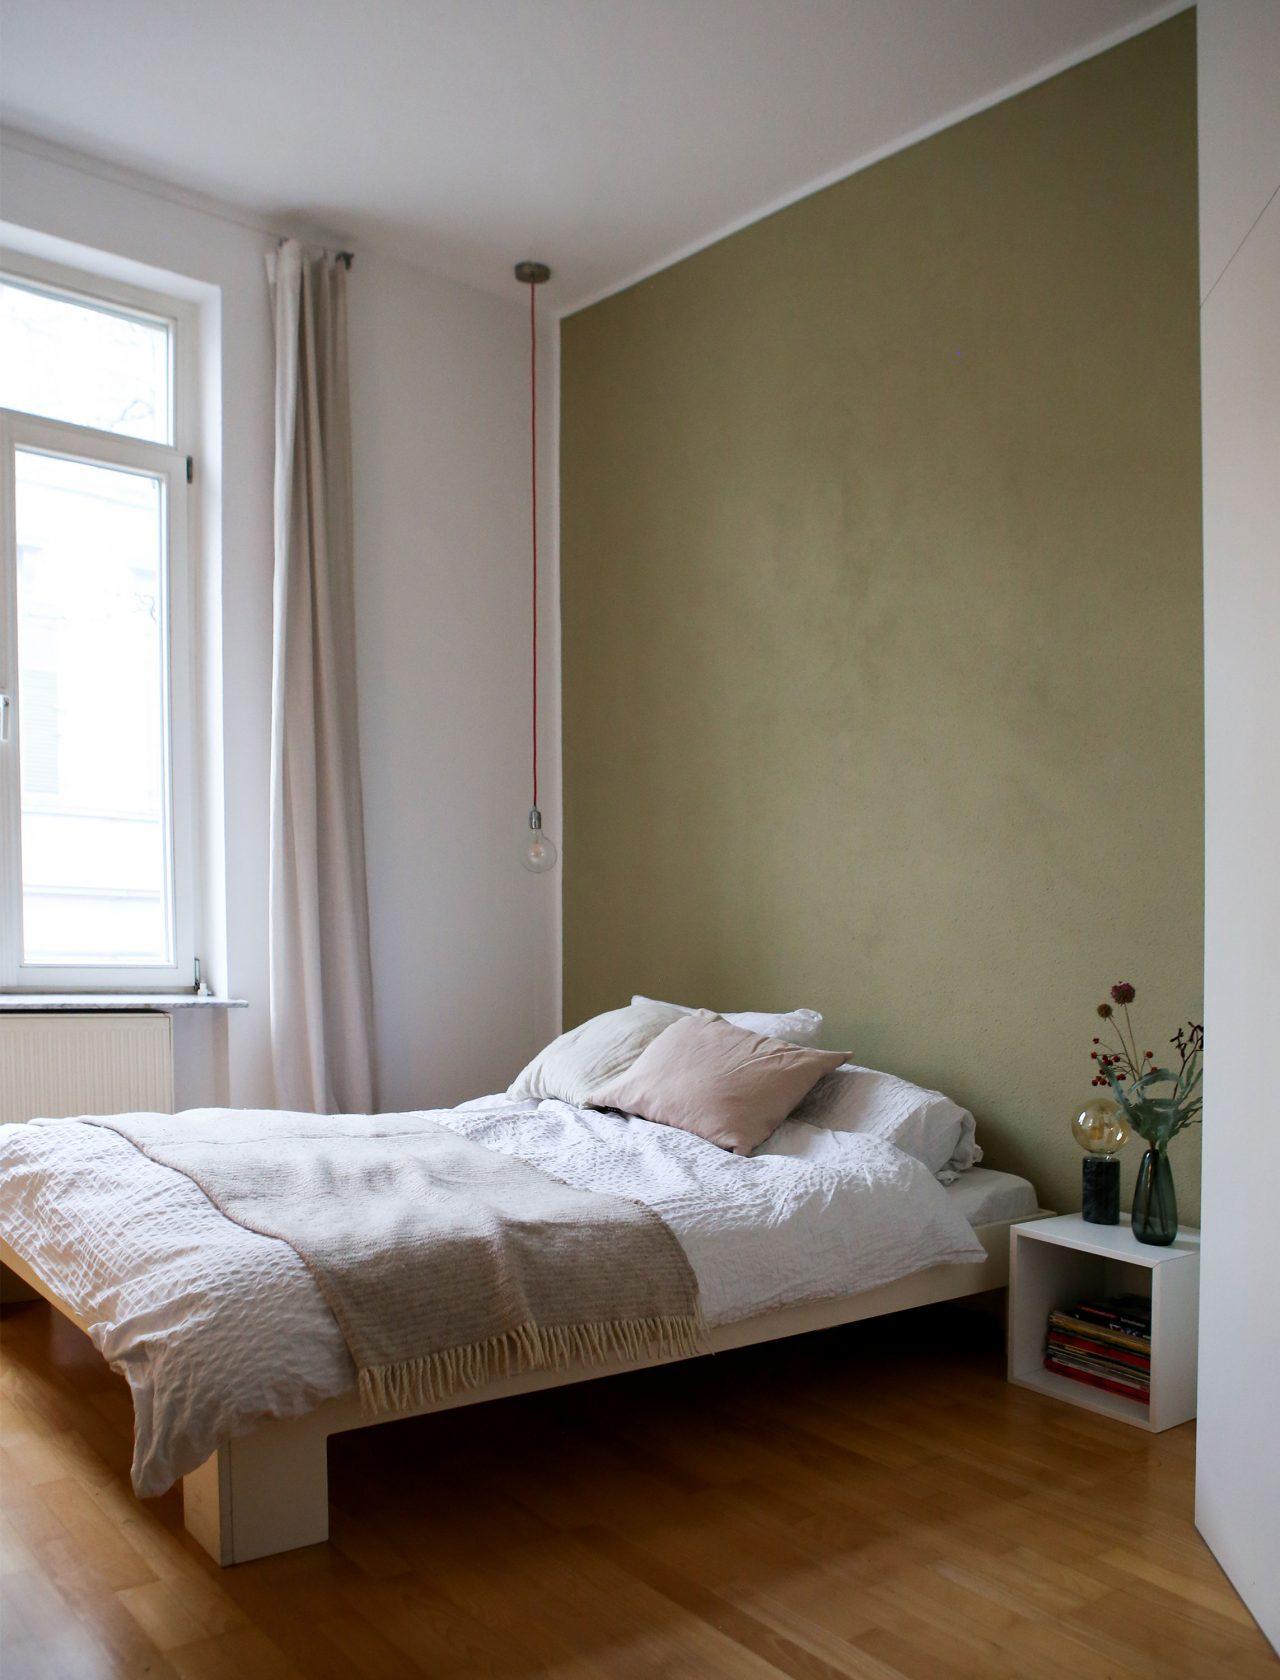 Schlafzimmerwand in Seegras-Grüngrau.